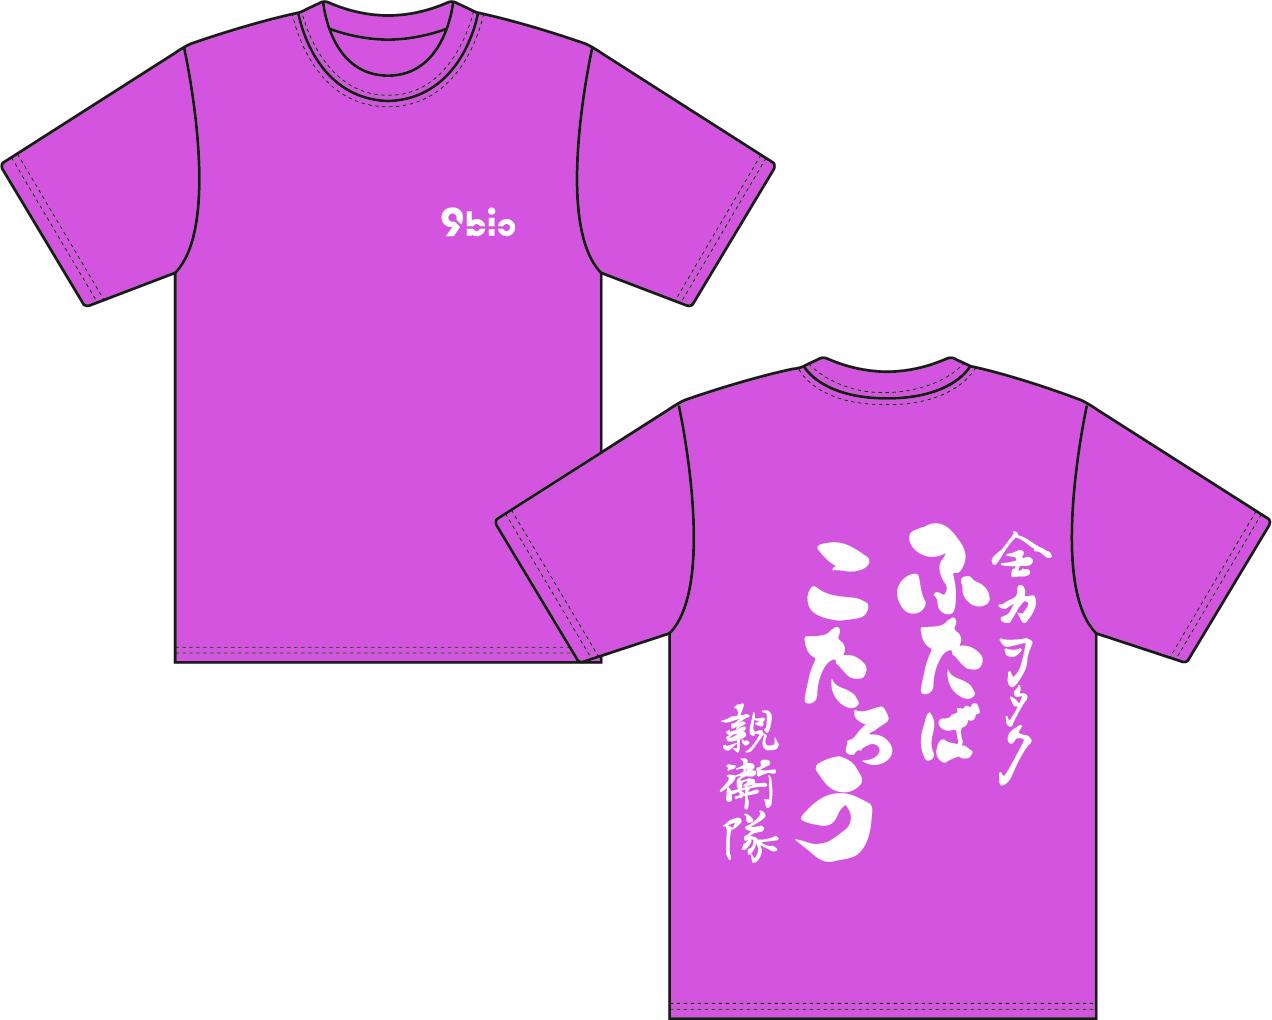 メンバー親衛隊Tシャツ